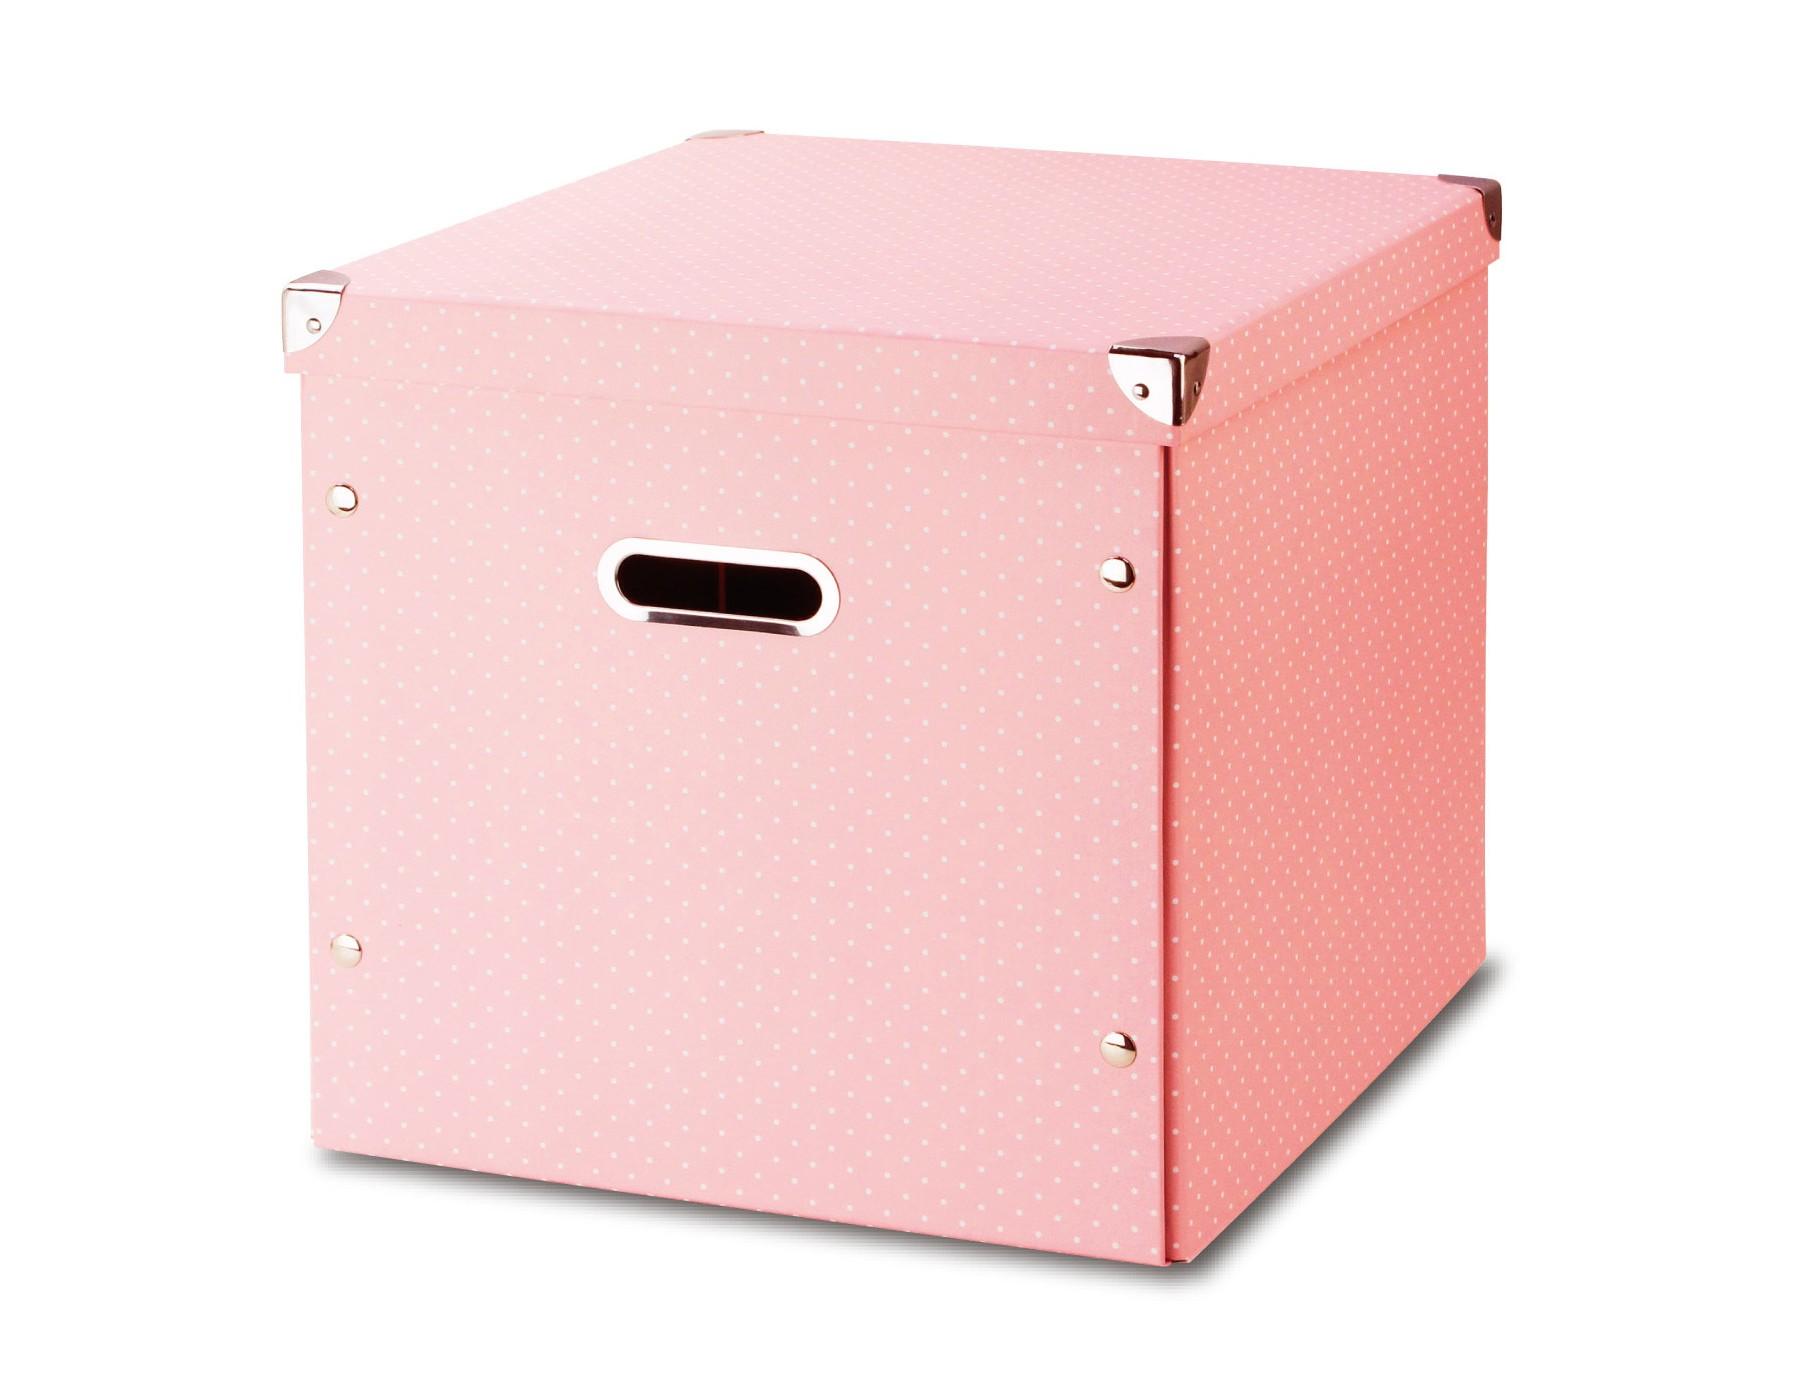 Коробка для храненияКоробки<br><br><br>Material: Картон<br>Width см: 33<br>Depth см: 33<br>Height см: 32